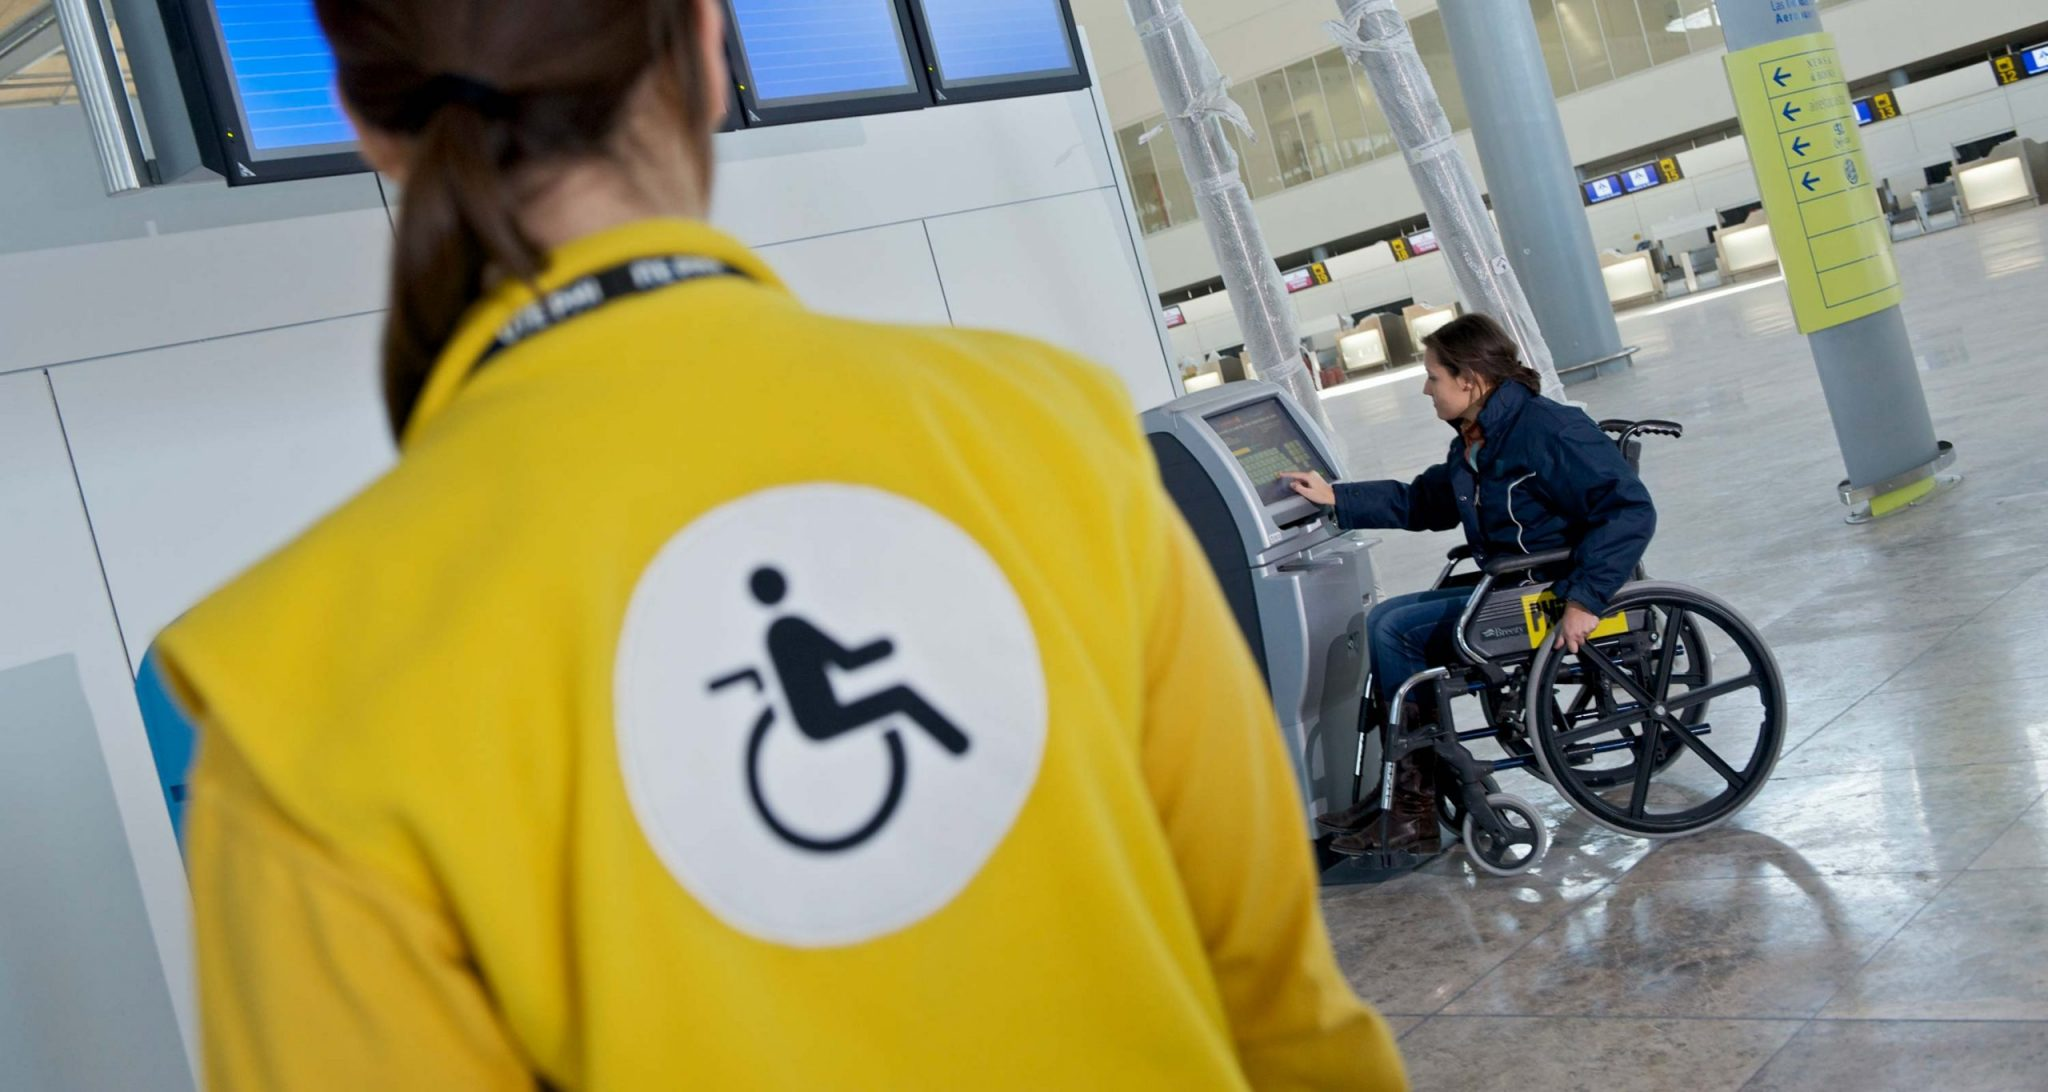 Кем могут работать люди со второй группой инвалидности